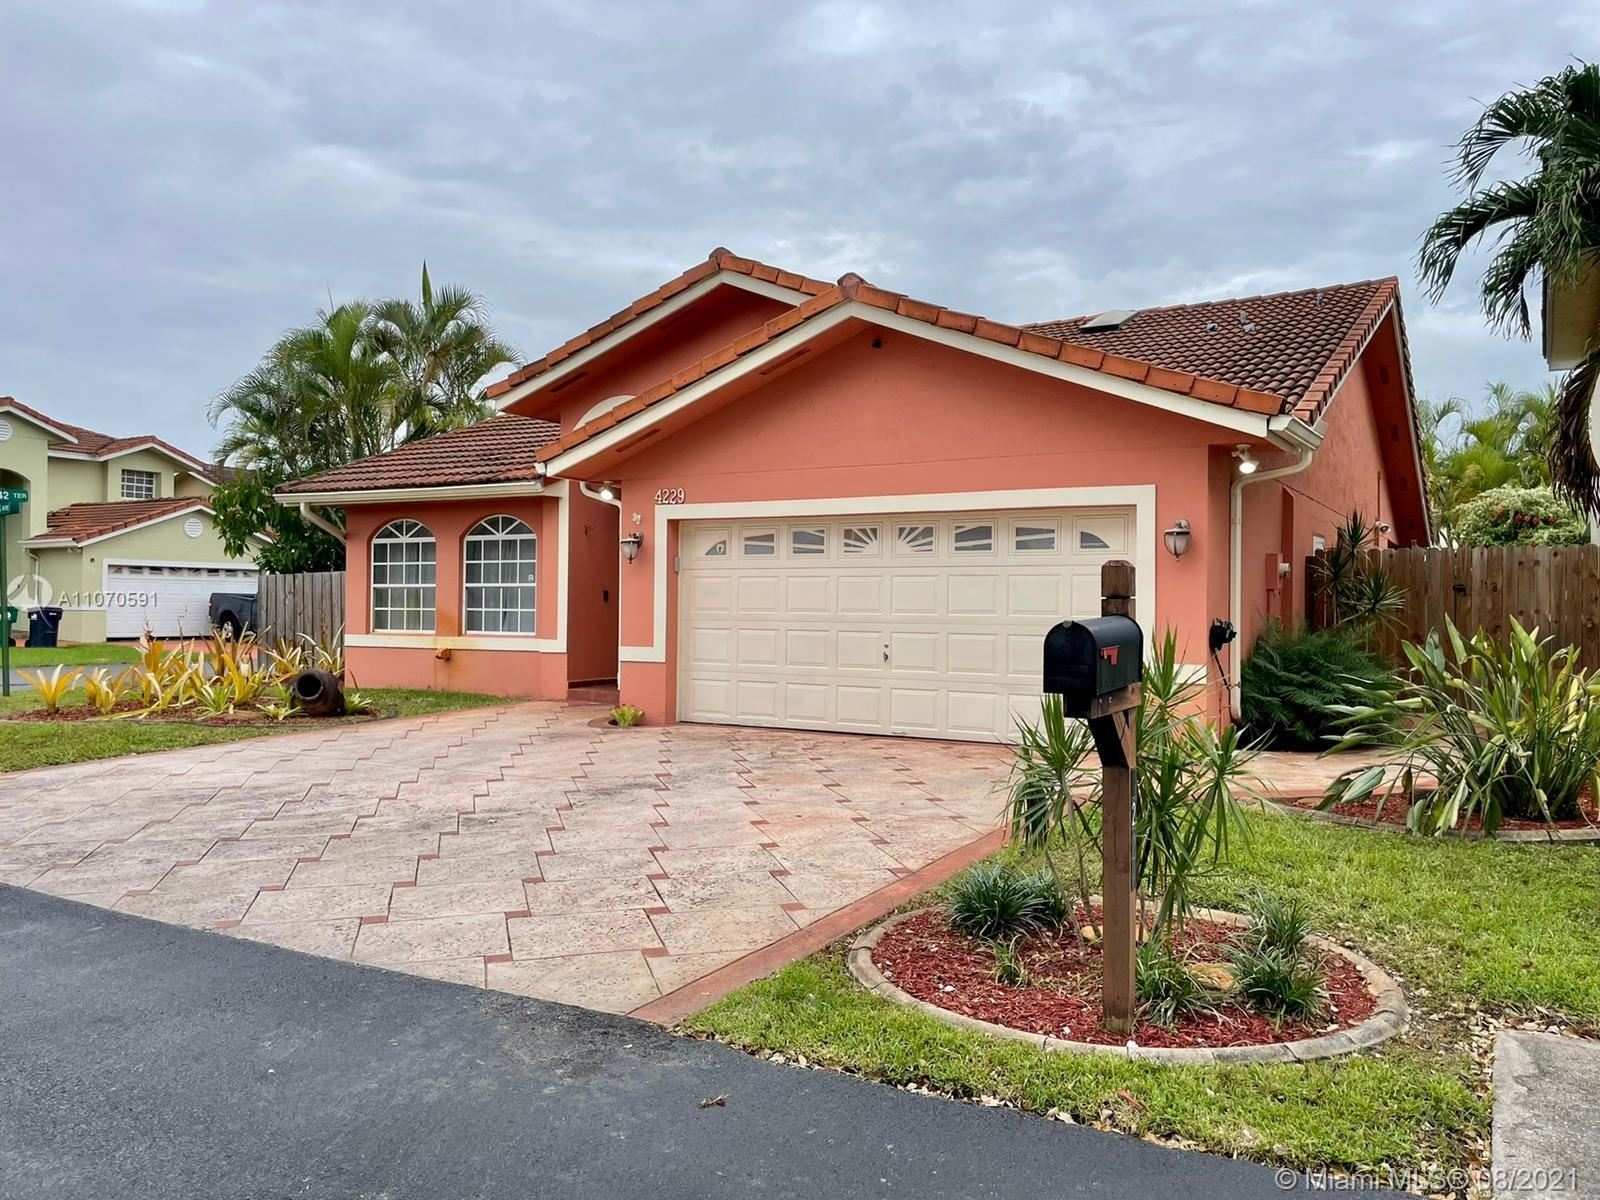 4229 SW 154th Ave, Miami, FL 33185 - #: A11070591